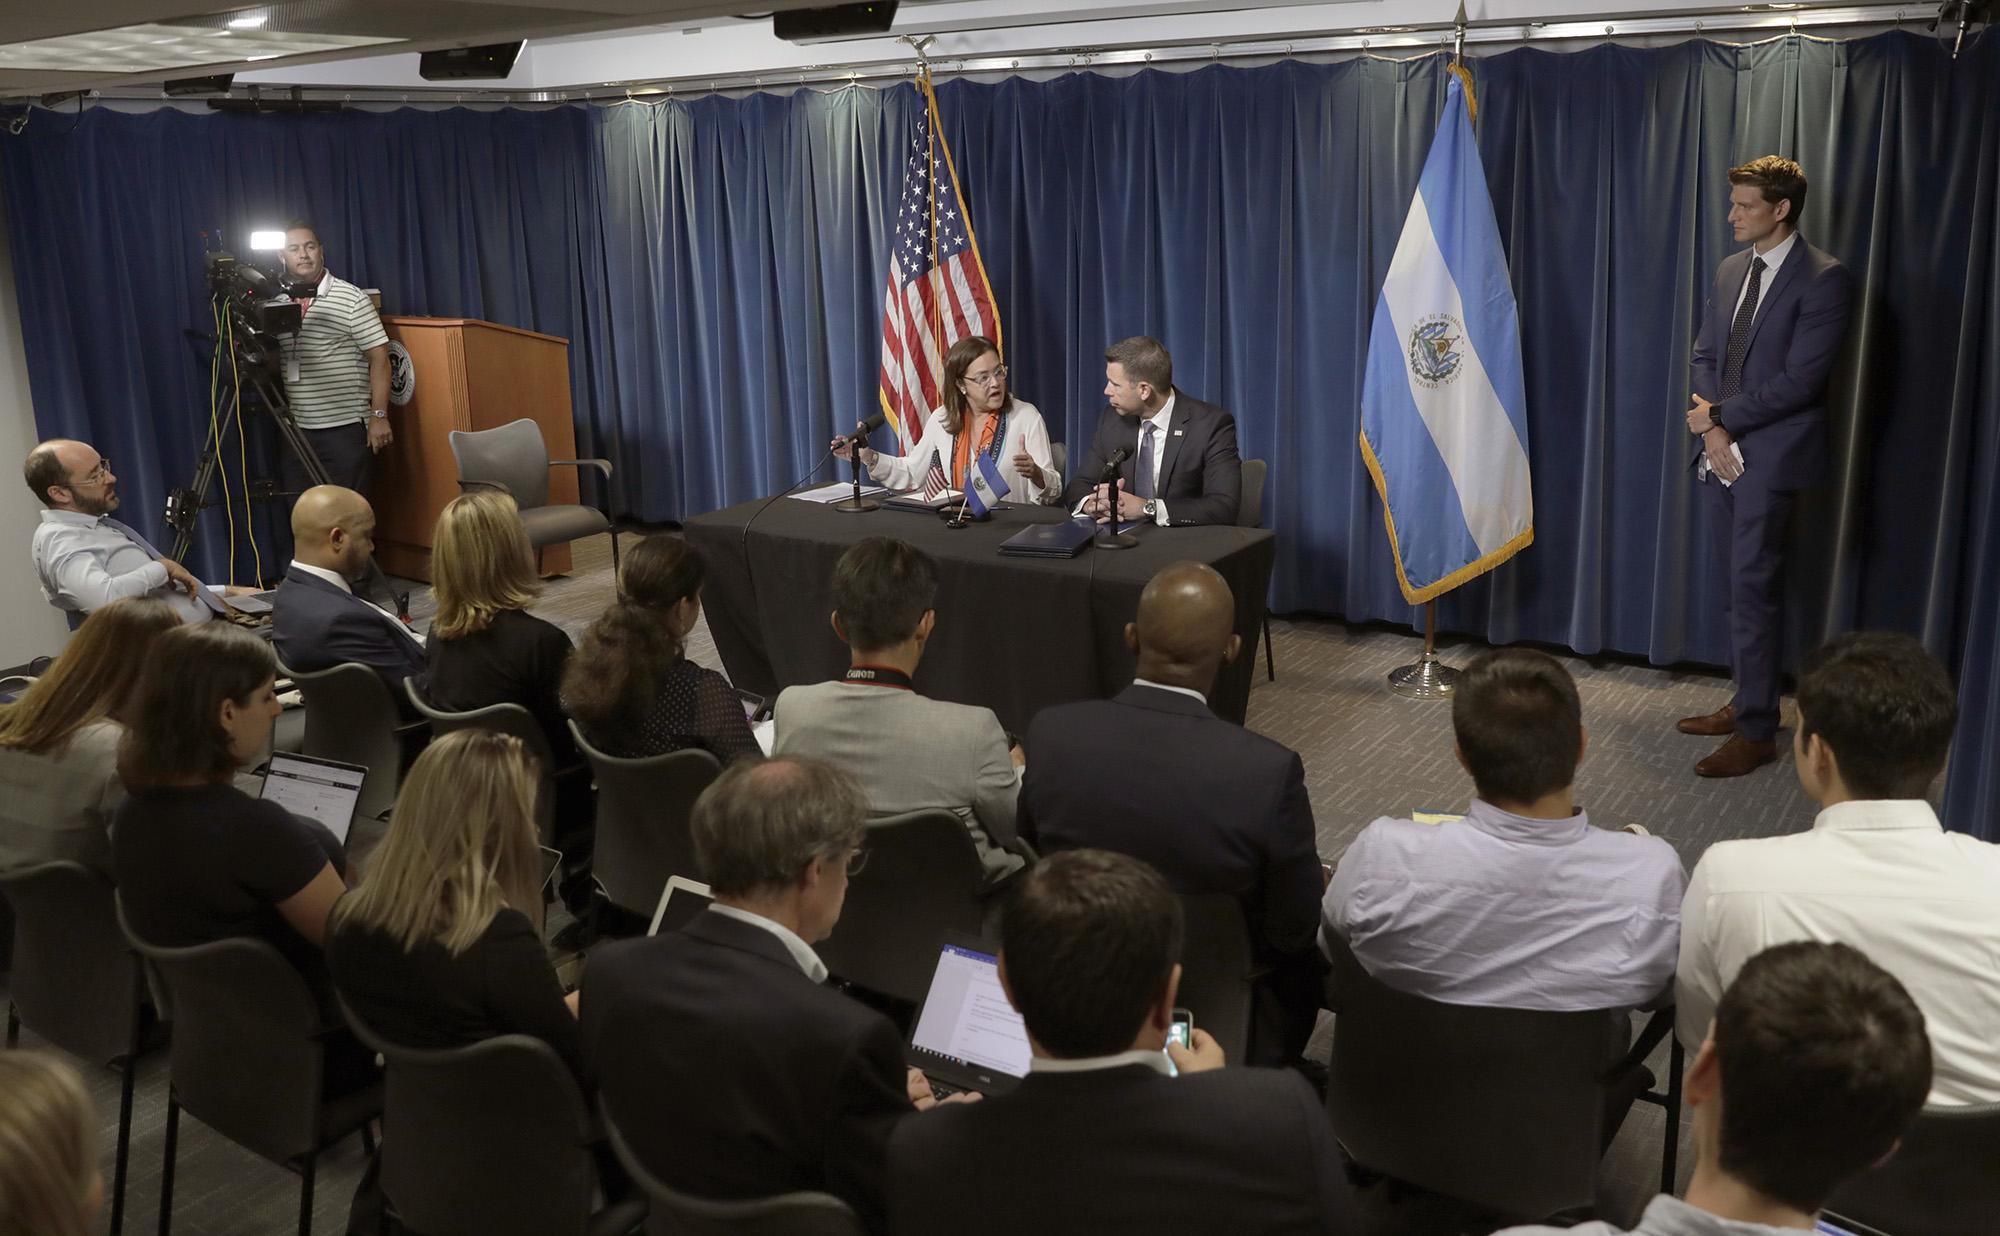 El secretario interino del Departamento de Seguridad Nacional, Kevin K. McAleenan, y la ministra de Relaciones Exteriores de El Salvador, Alexandra Hill, responden preguntas de la prensa después de firmar un acuerdo entre los dos países en la sede de Aduanas y Protección Fronteriza de los Estados Unidos en Washington, DC, el 20 de septiembre de 2019. CBP foto de Glenn Fawcett/Departamanto de Seguridad Nacional de Estados Unidos